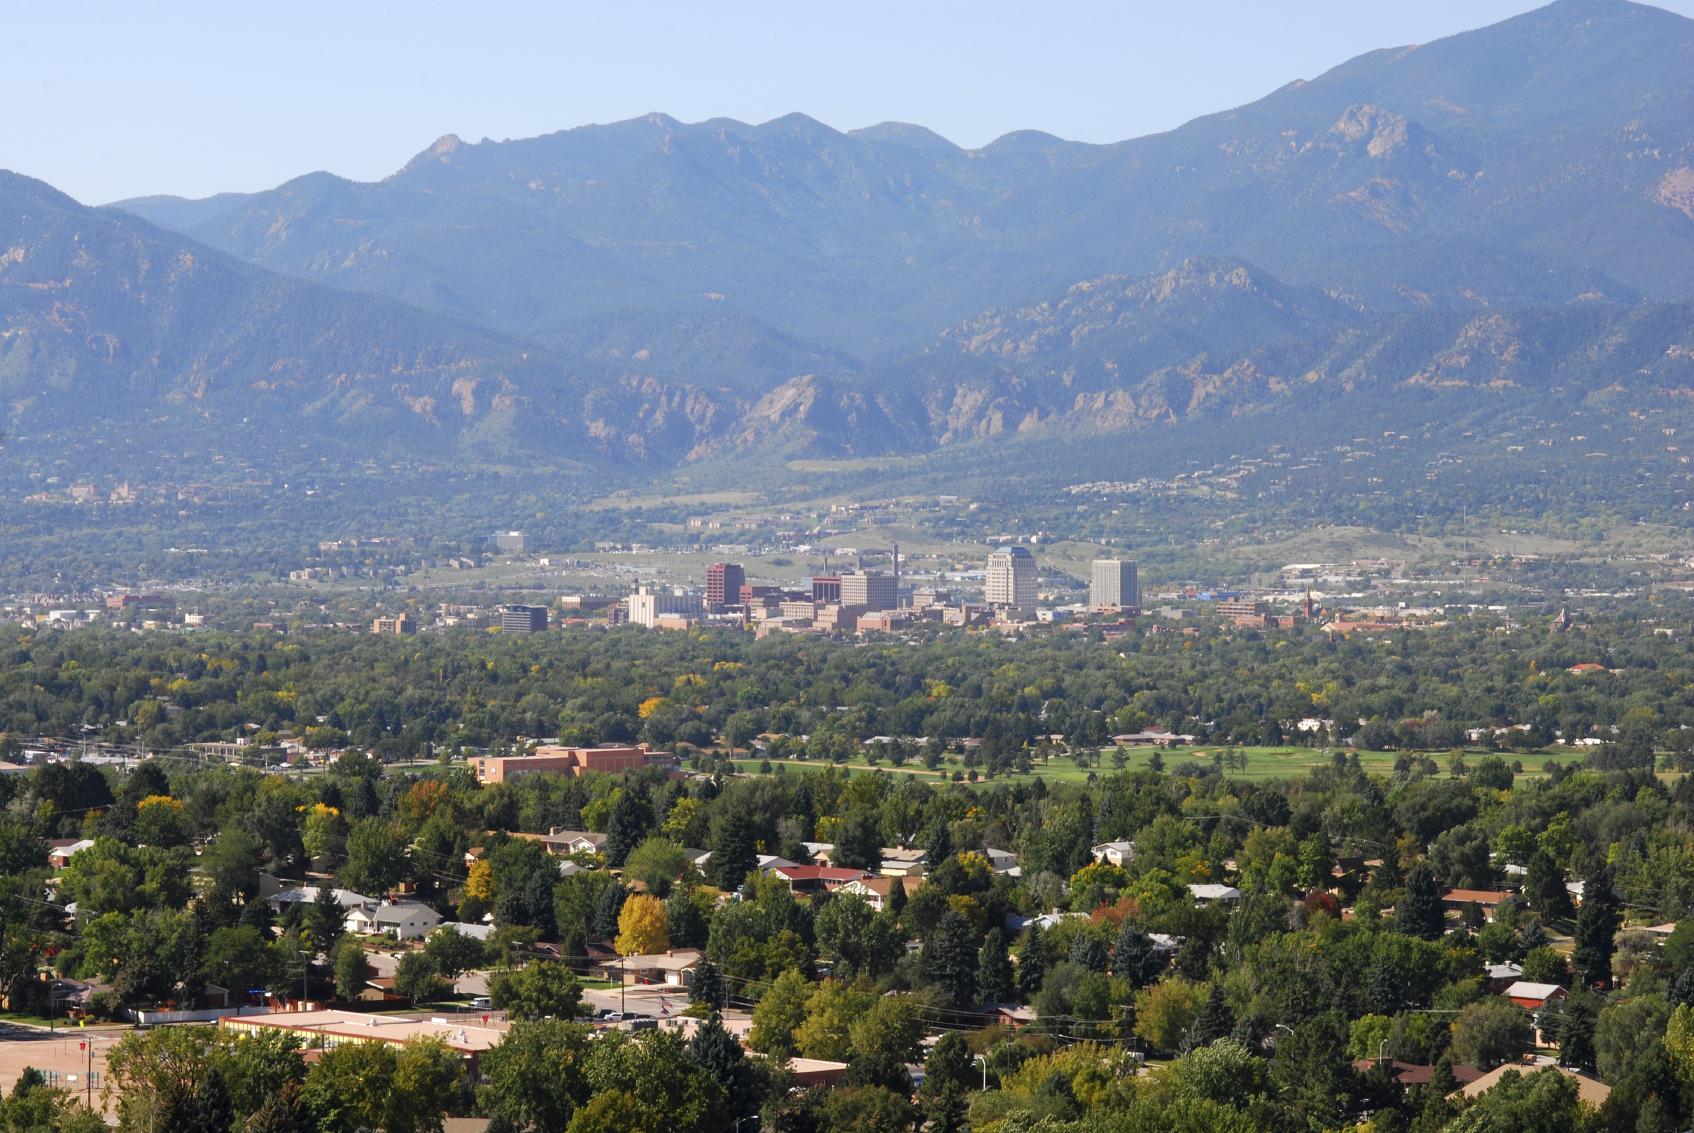 Photo: Colorado Springs, Colorado